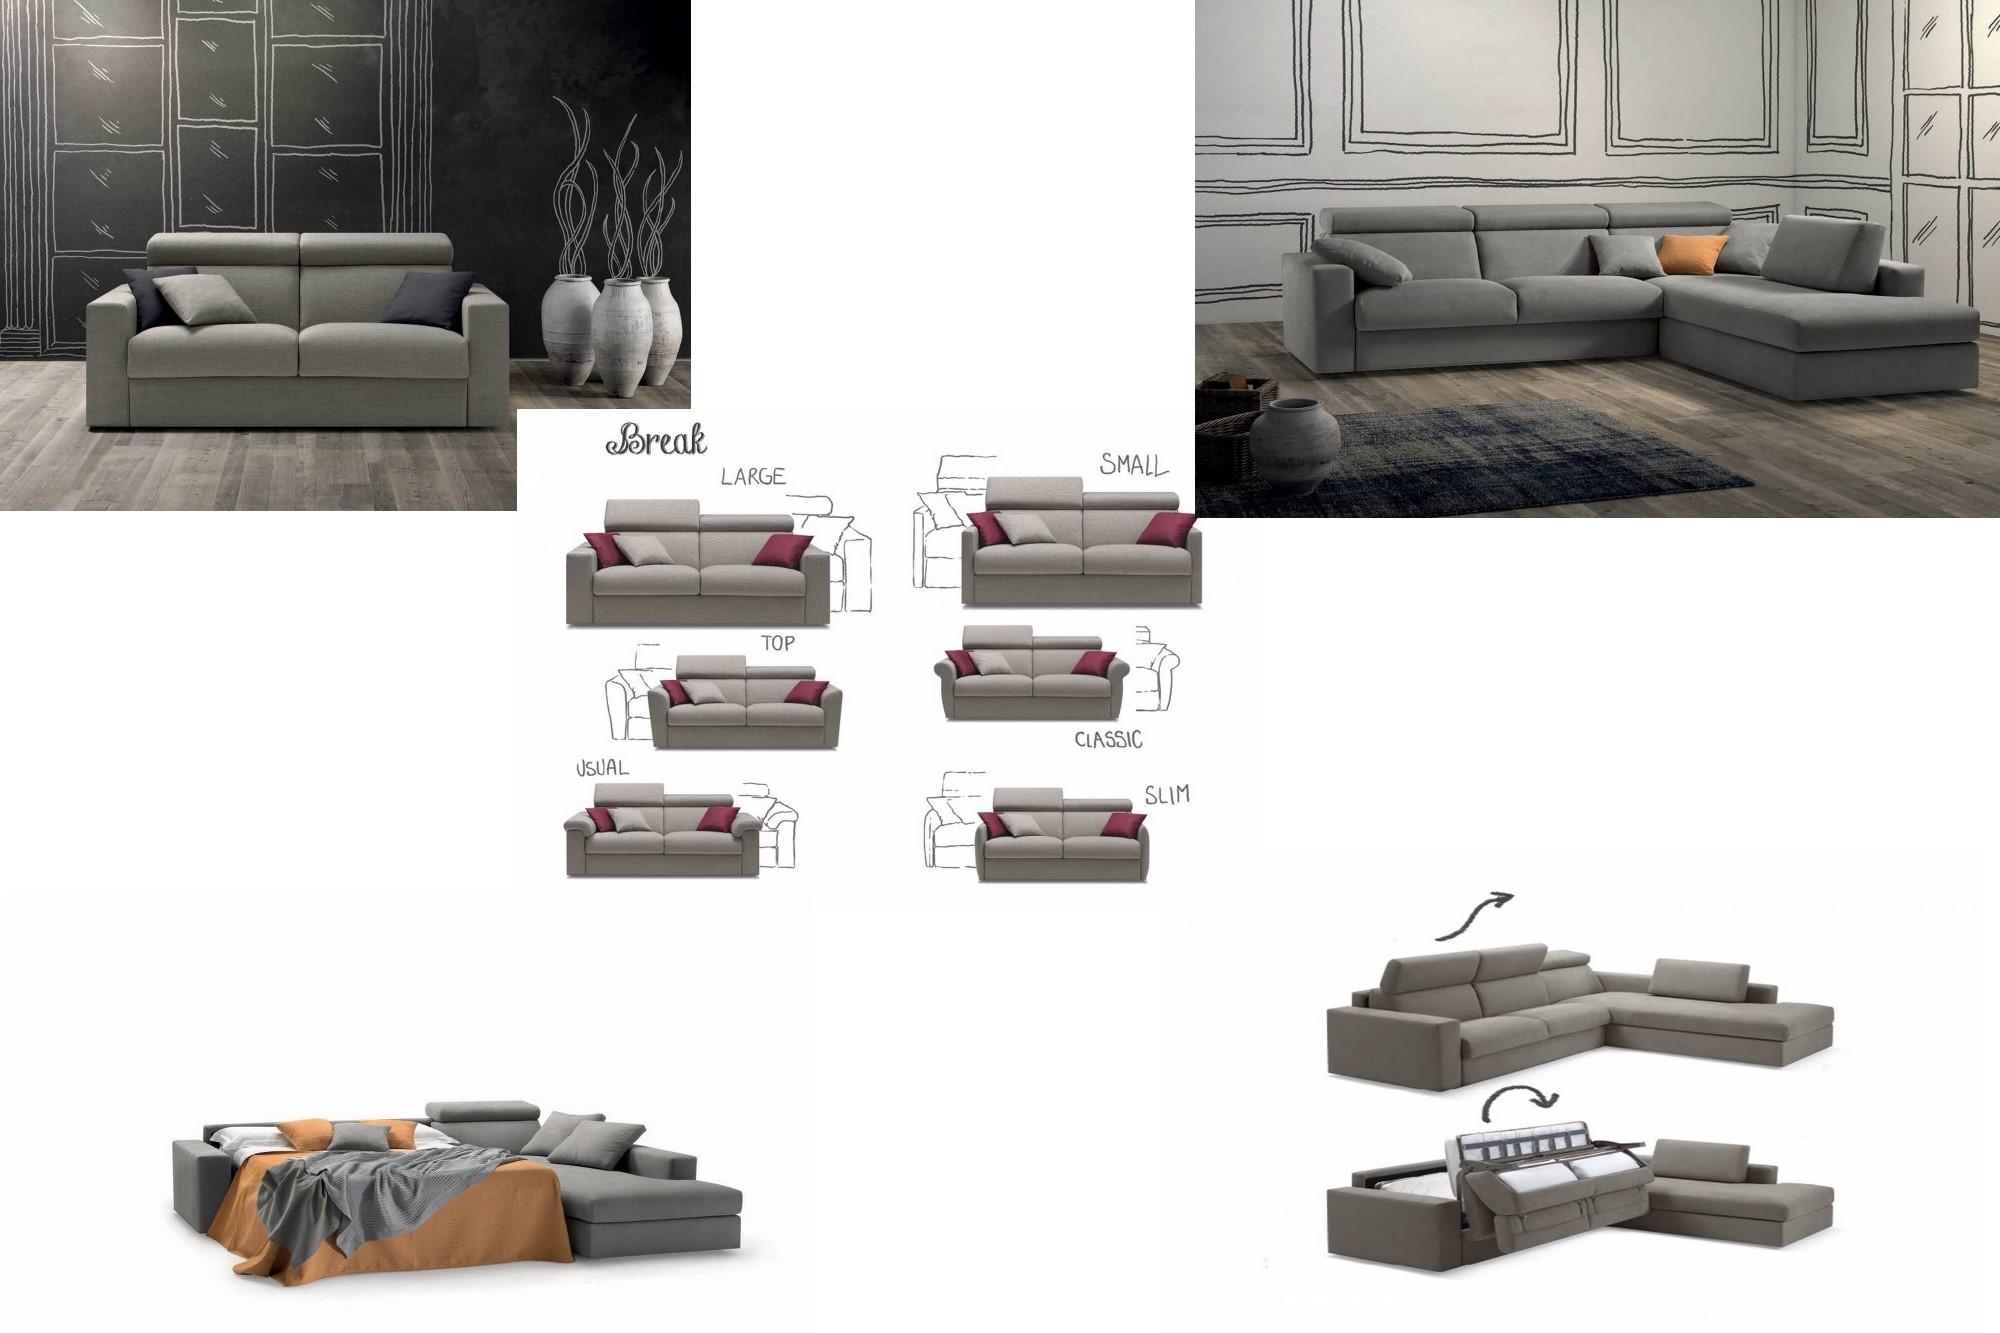 Divani letto mobilificio Cominazzi Cavallirio - Novara